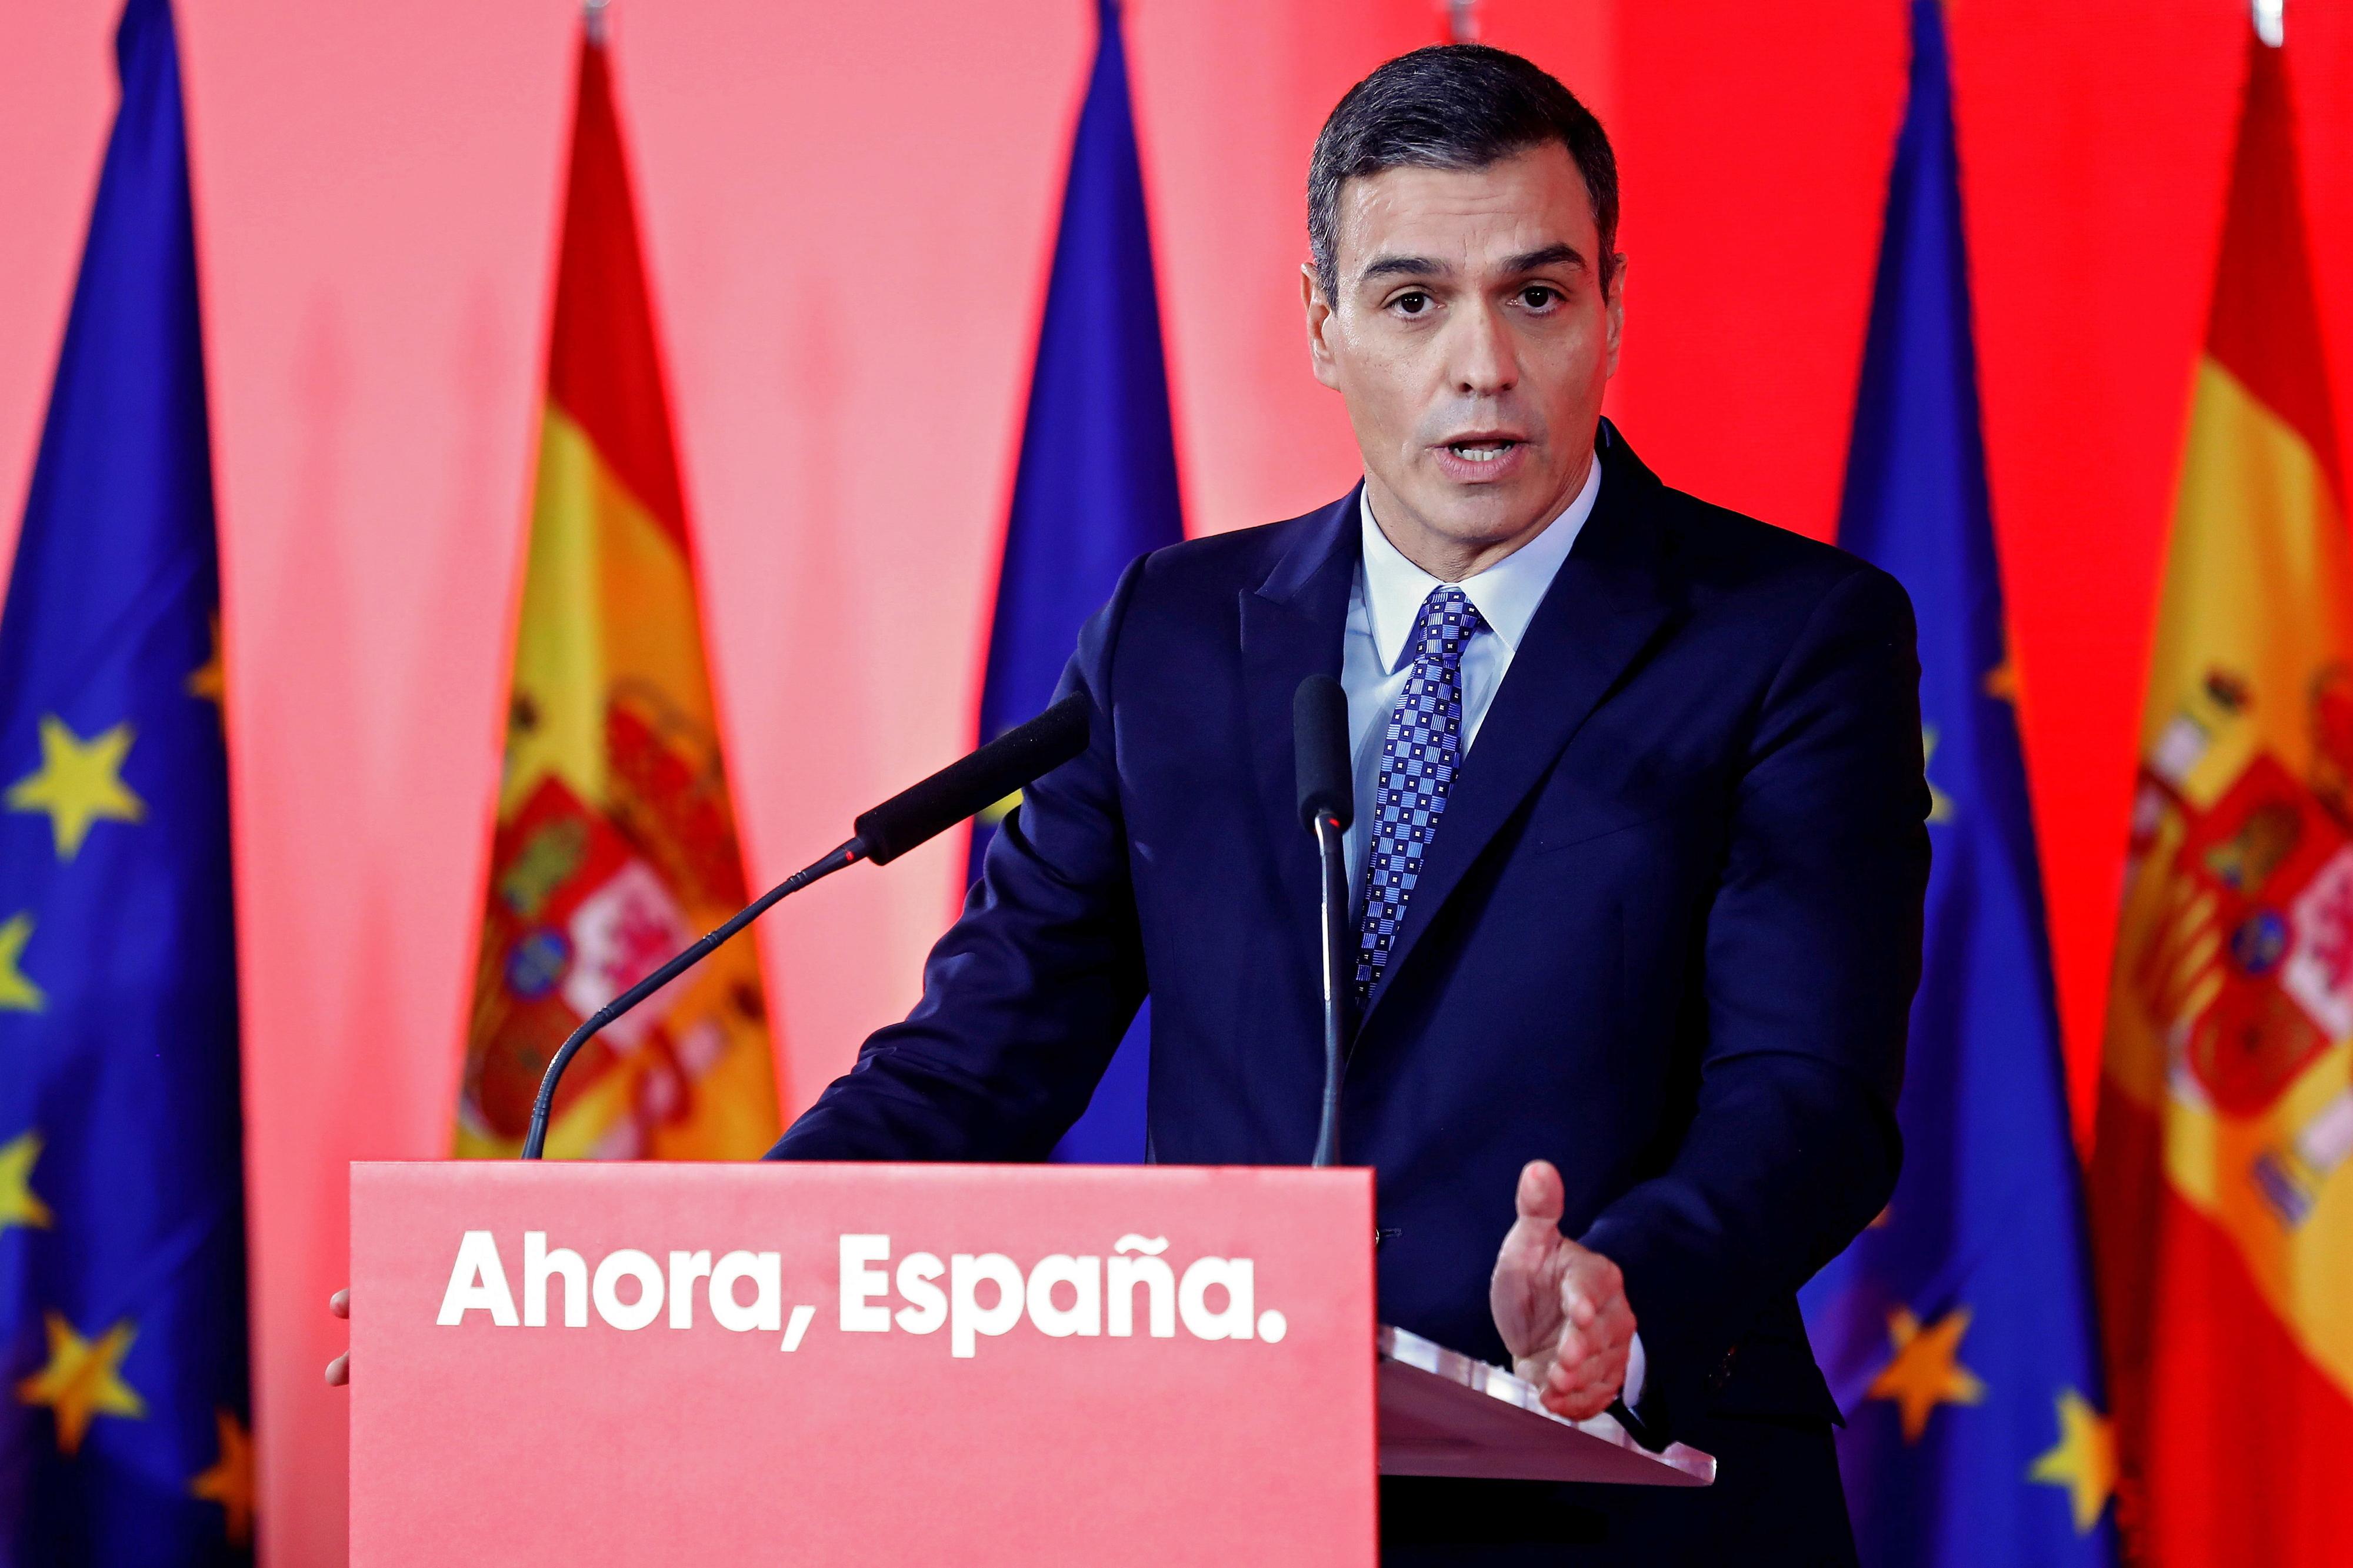 Sánchez diz que sentenças confirmam naufrágio do independentismo catalão